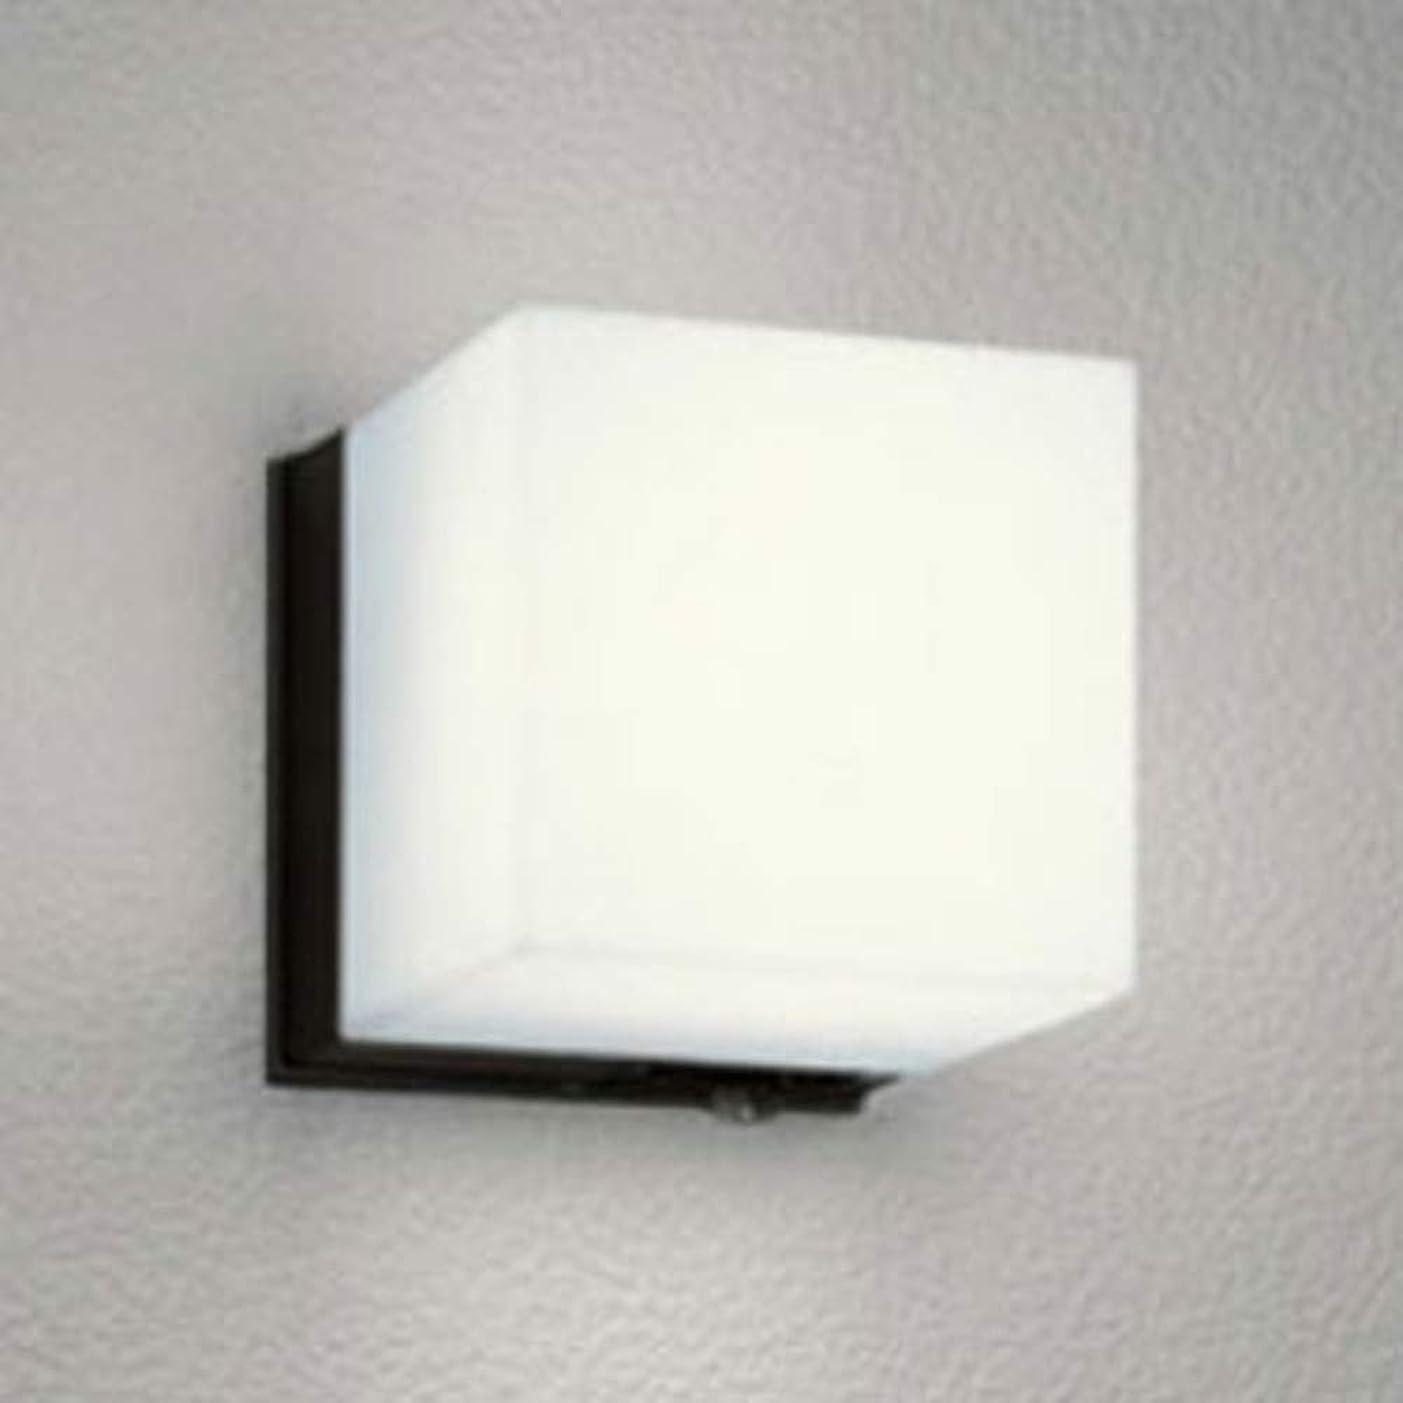 頼るふつう胚ODELIC(オーデリック) 【工事必要】 LEDエクステリア?ポーチライト 人感センサ【モード切替型】 黒色:OG041646LC